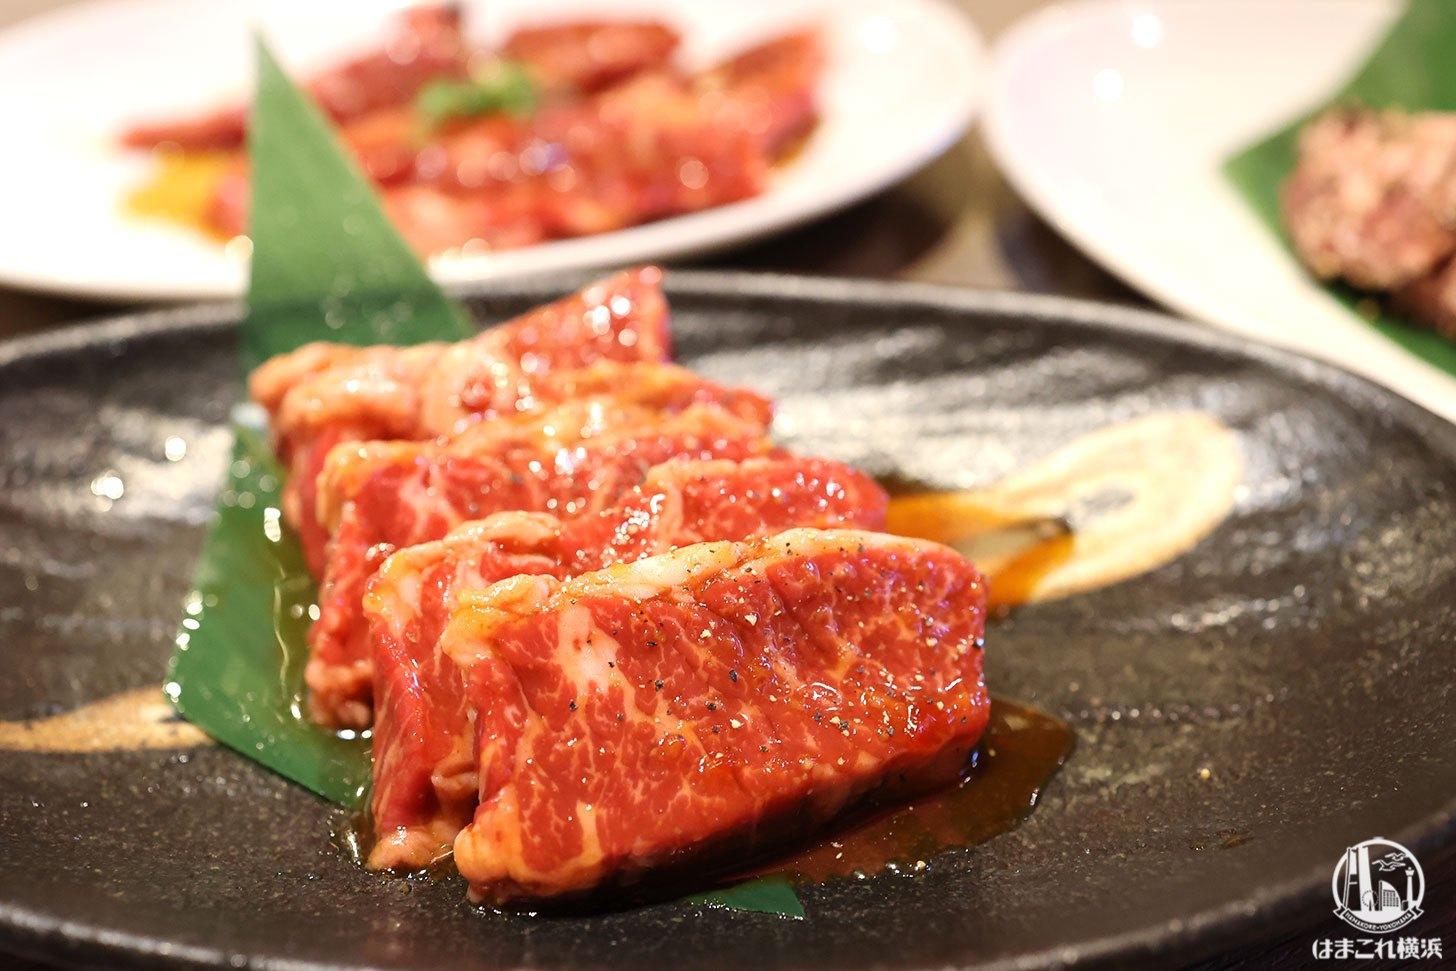 熱烈カルビ横浜三ツ沢は席ゆったりの焼肉店!車で行きやすく駐車場も完備